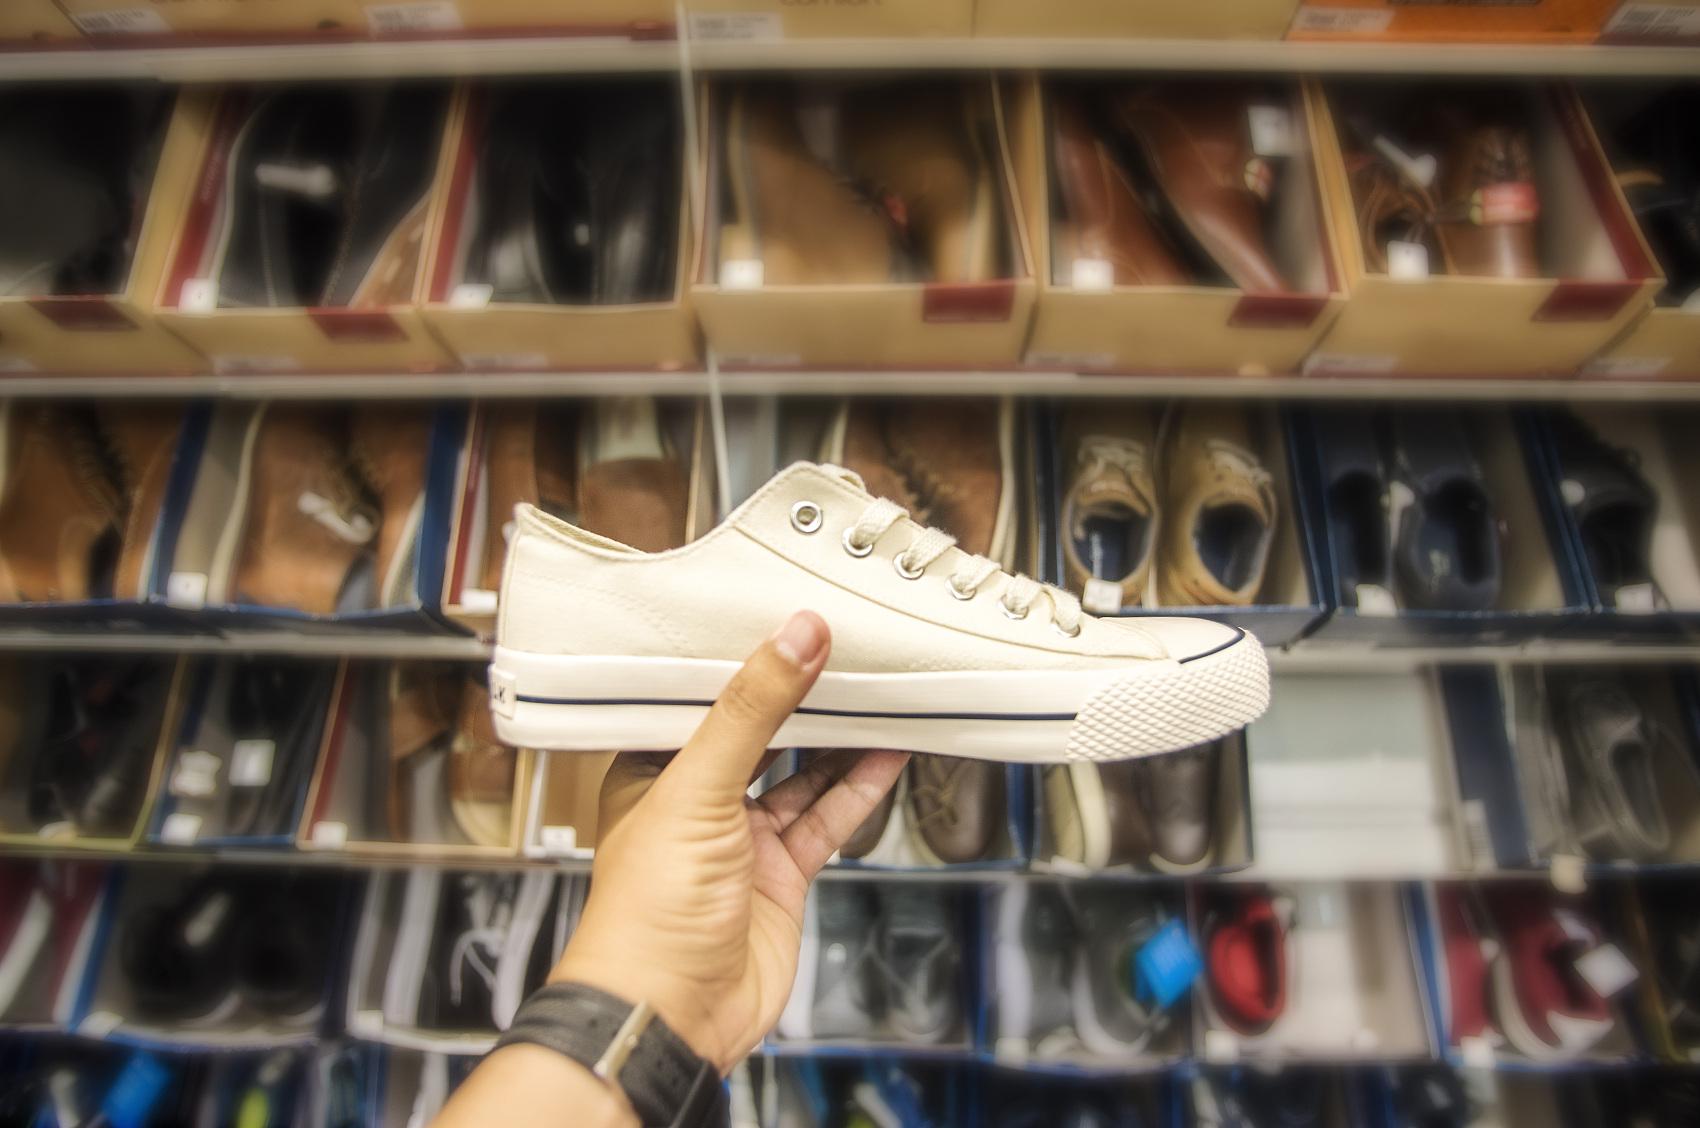 疯狂的炒鞋生意:大学生刷爆花呗信用卡,榨干父母血汗钱